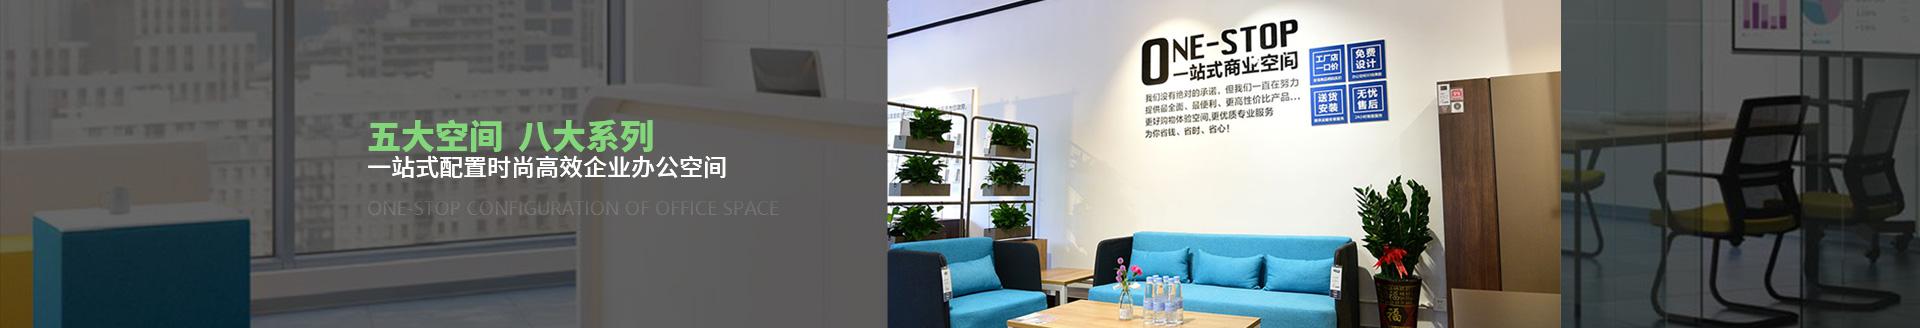 偉豪家具一站式配置時尚企業辦公空間